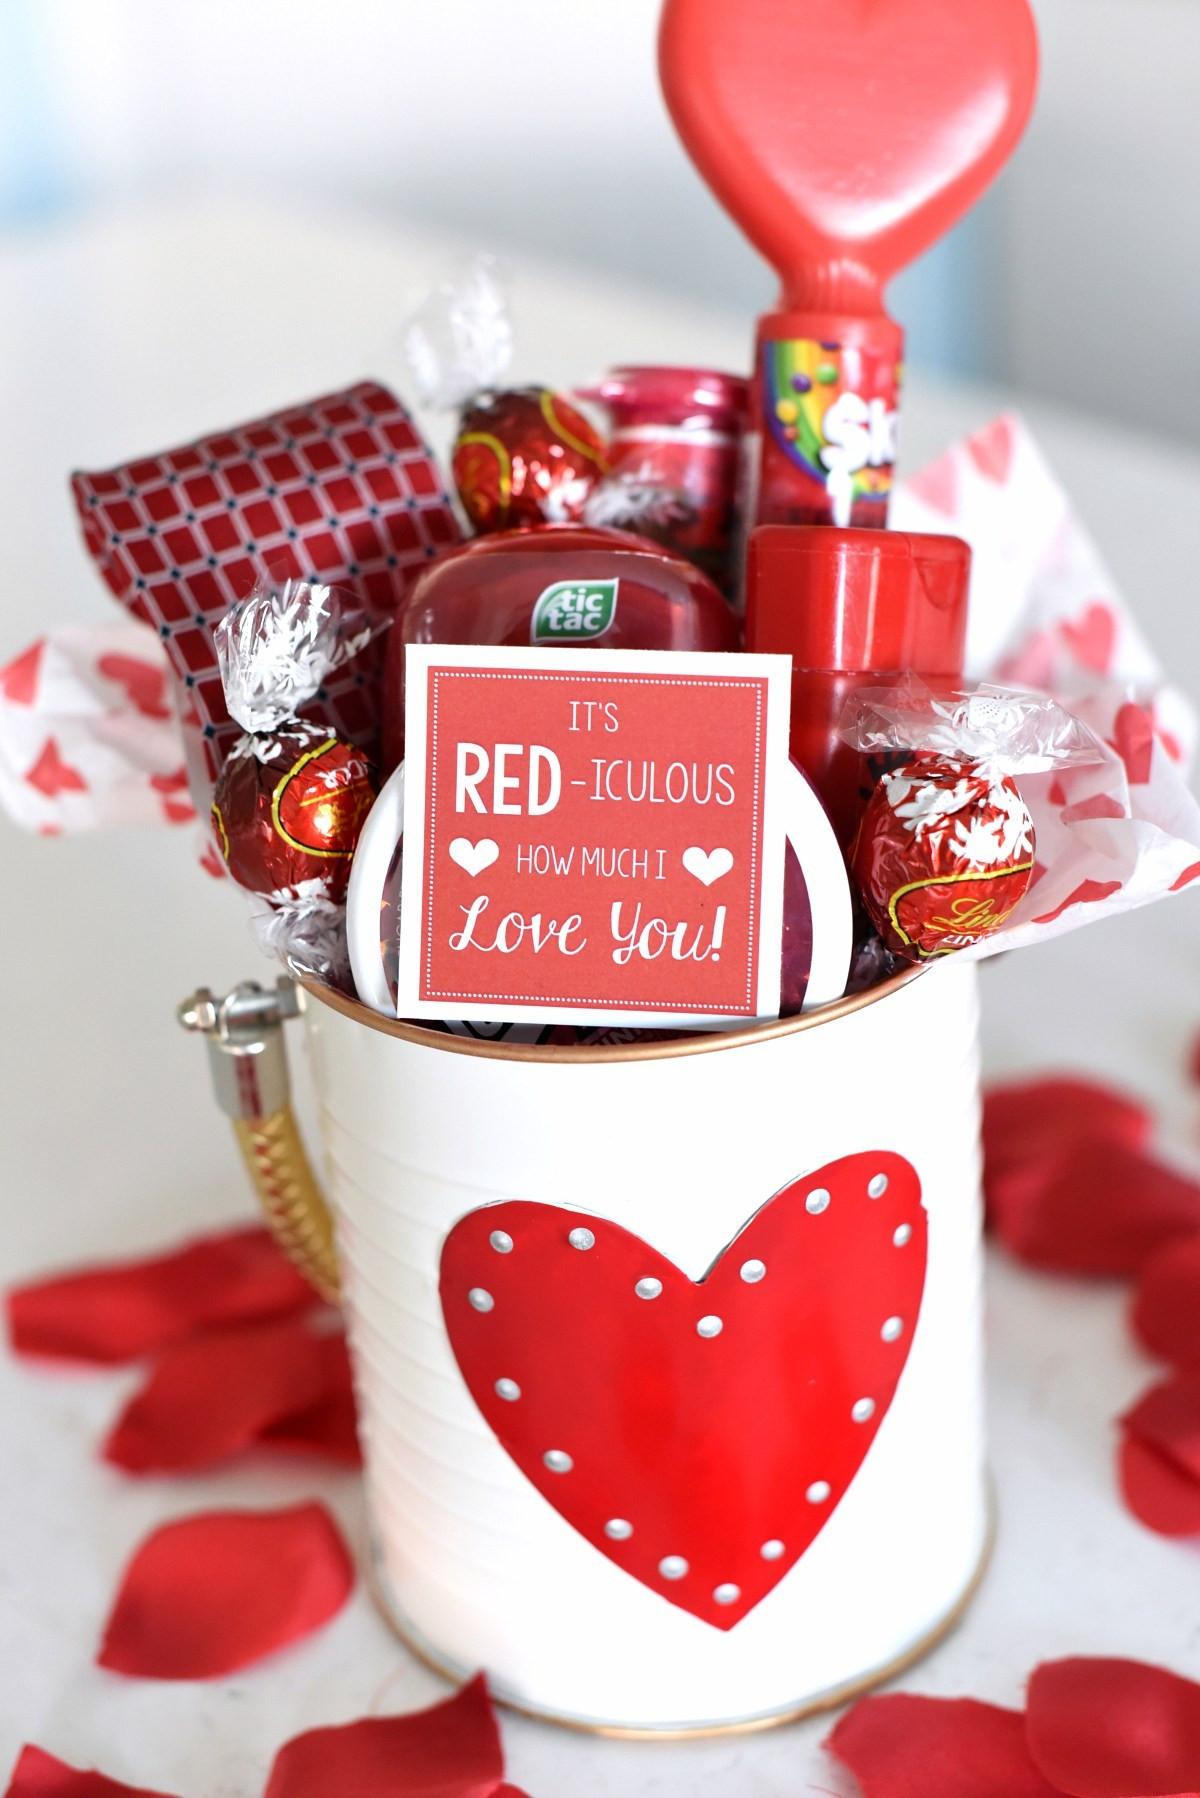 Valentine Day Gift Basket Ideas  25 DIY Valentine s Day Gift Ideas Teens Will Love